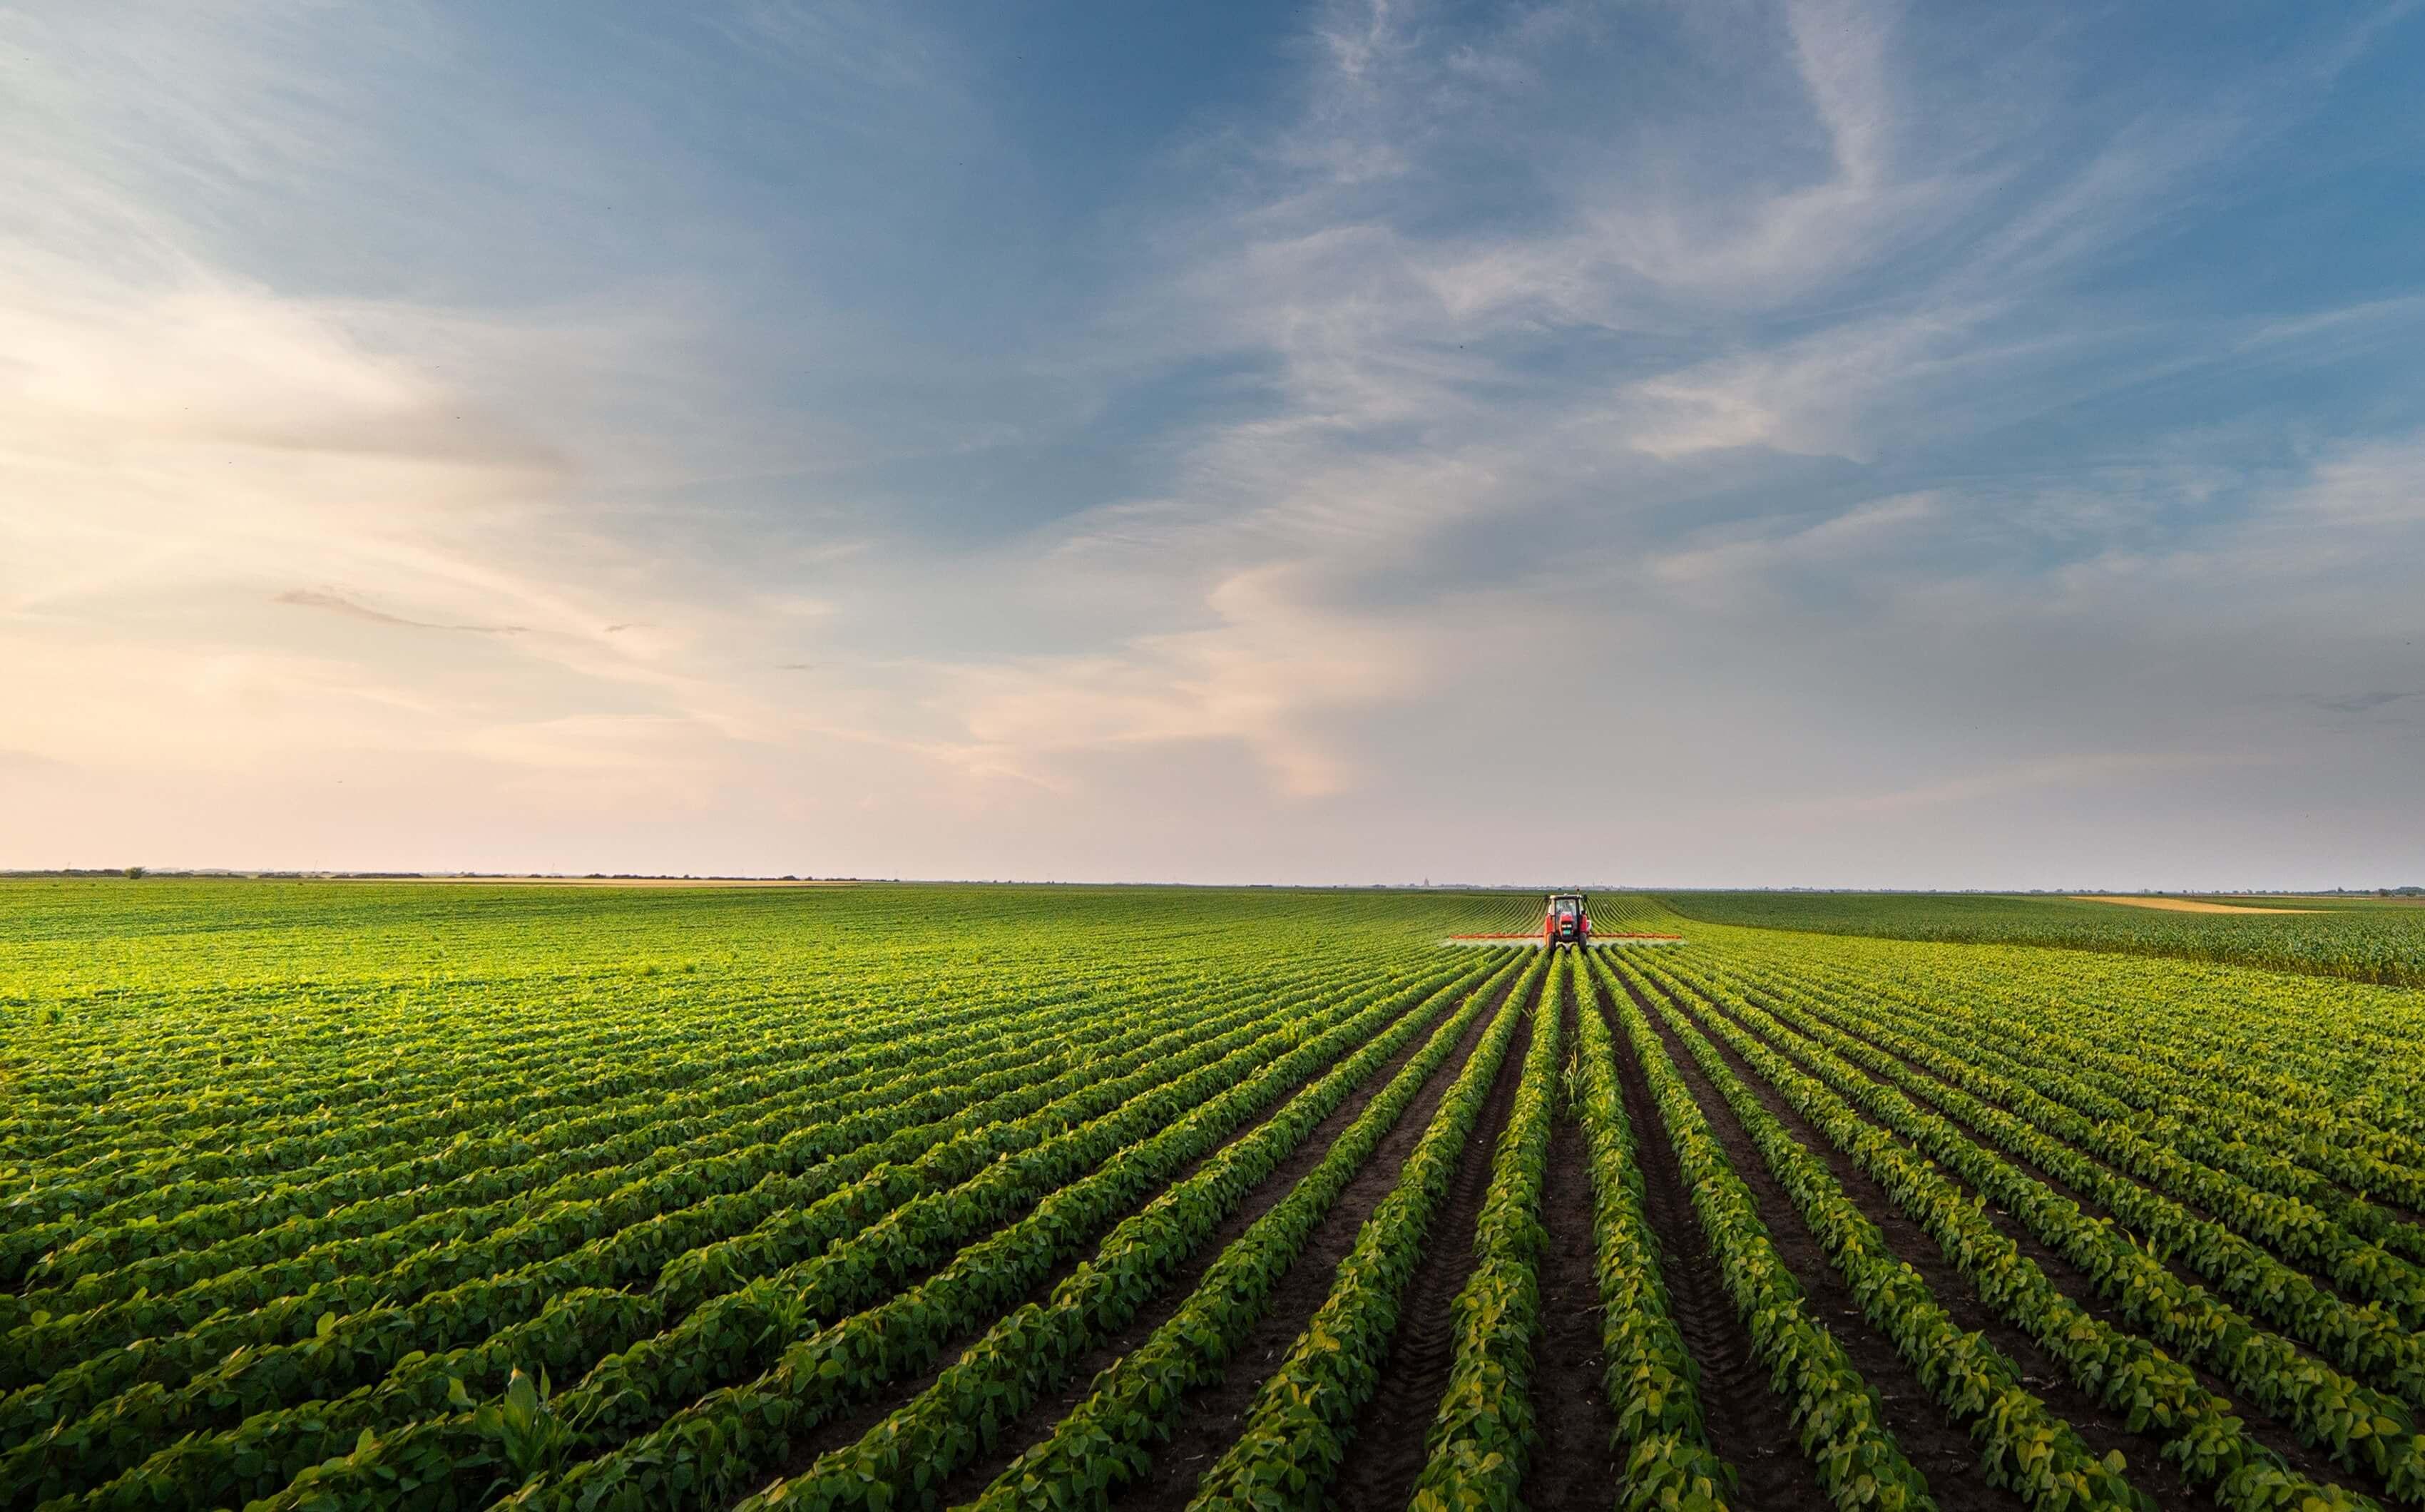 Tarımsal işletmelerin ortalama büyüklüğünün düşük olması Türk Tarım sektörü açısından yapısal bir problem olarak gözükmektedir.